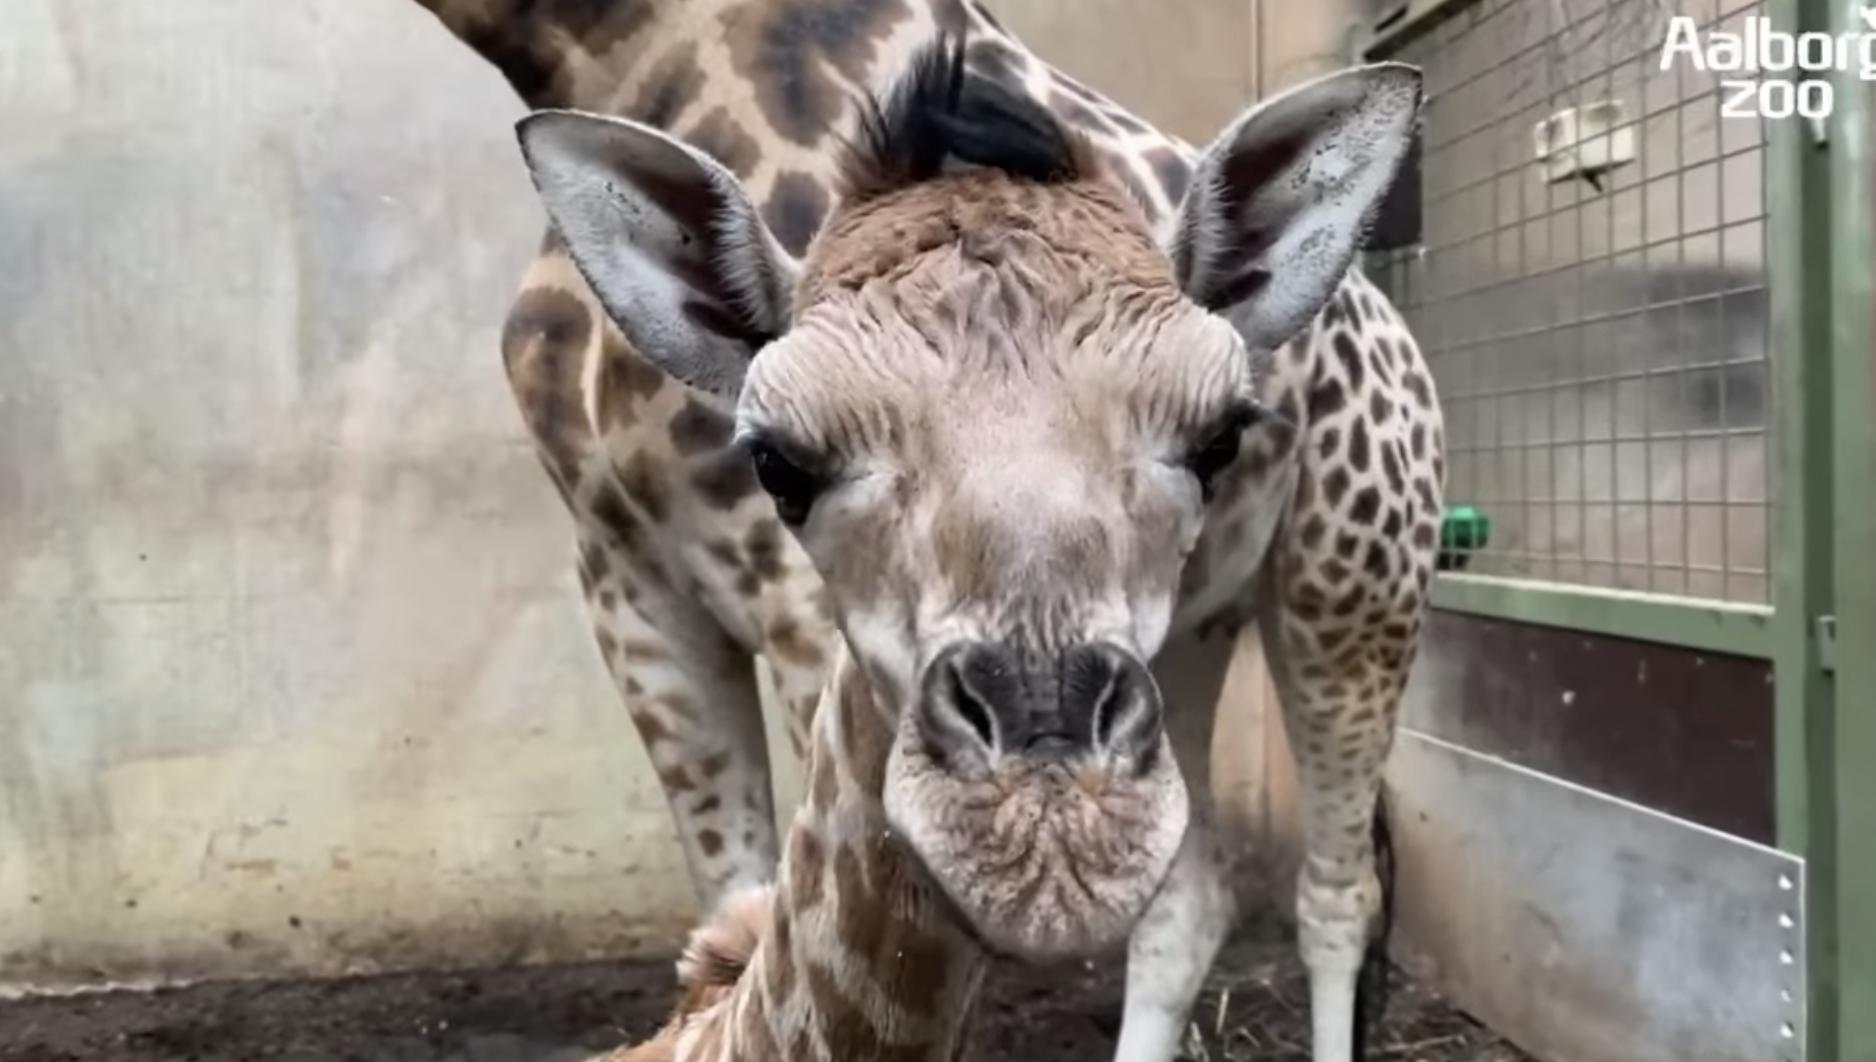 Nye regler indføres: Aalborg Zoo åbner officielt for gæster i denne uge